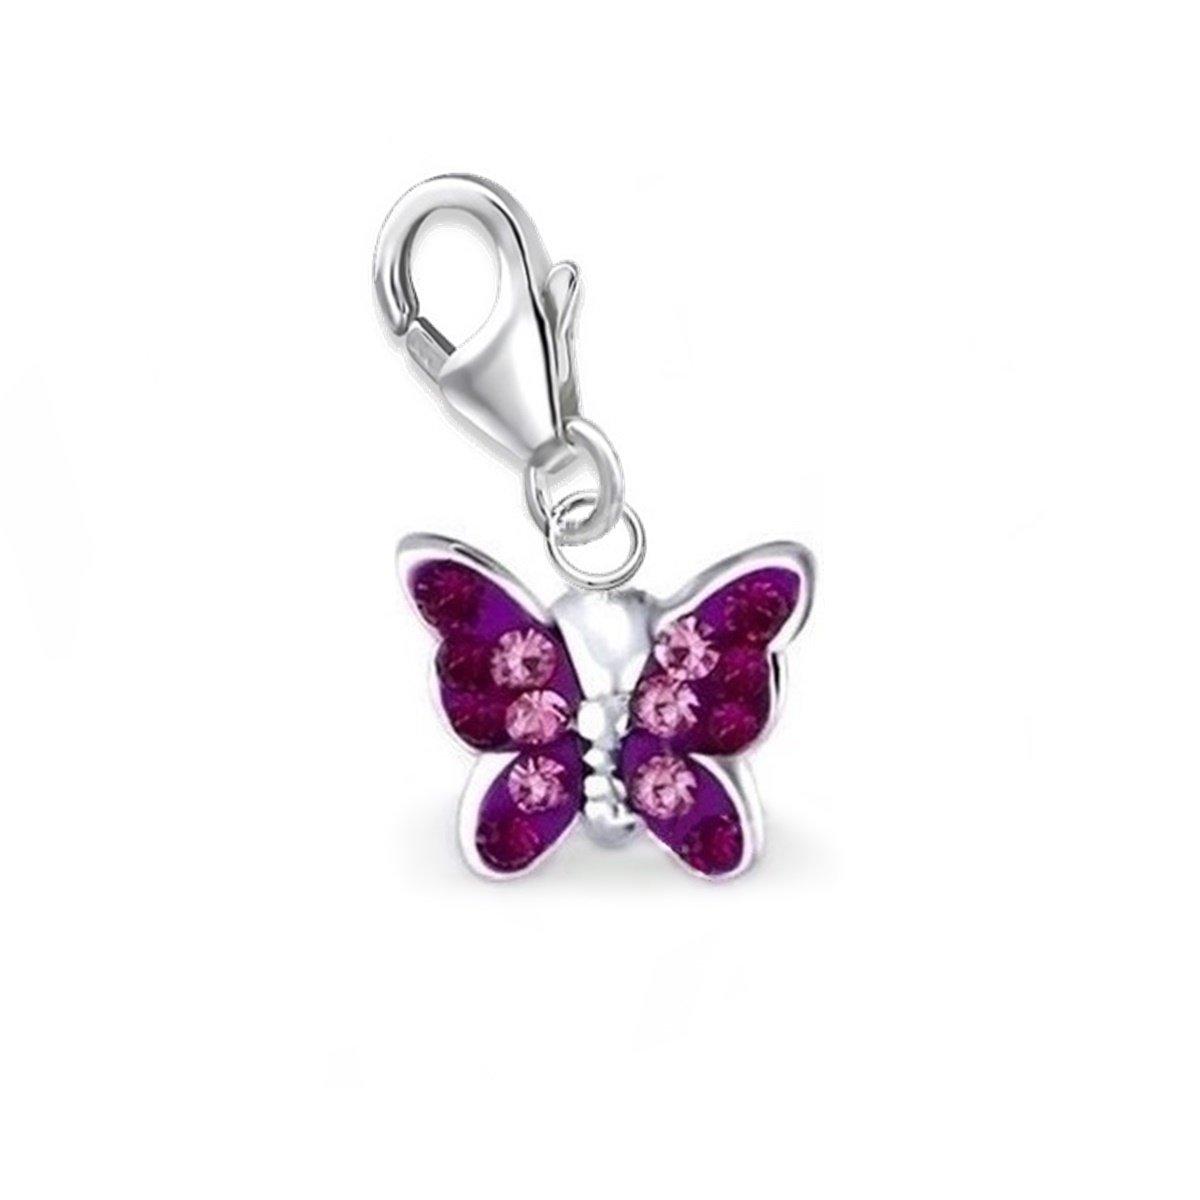 GH* KIDS Mini Lila Amethyst Kristall Schmetterling Charm Anhänger 925 Echt Sterling Silber Mädchen Kinder Damen Baby GH-1a ch016AM9